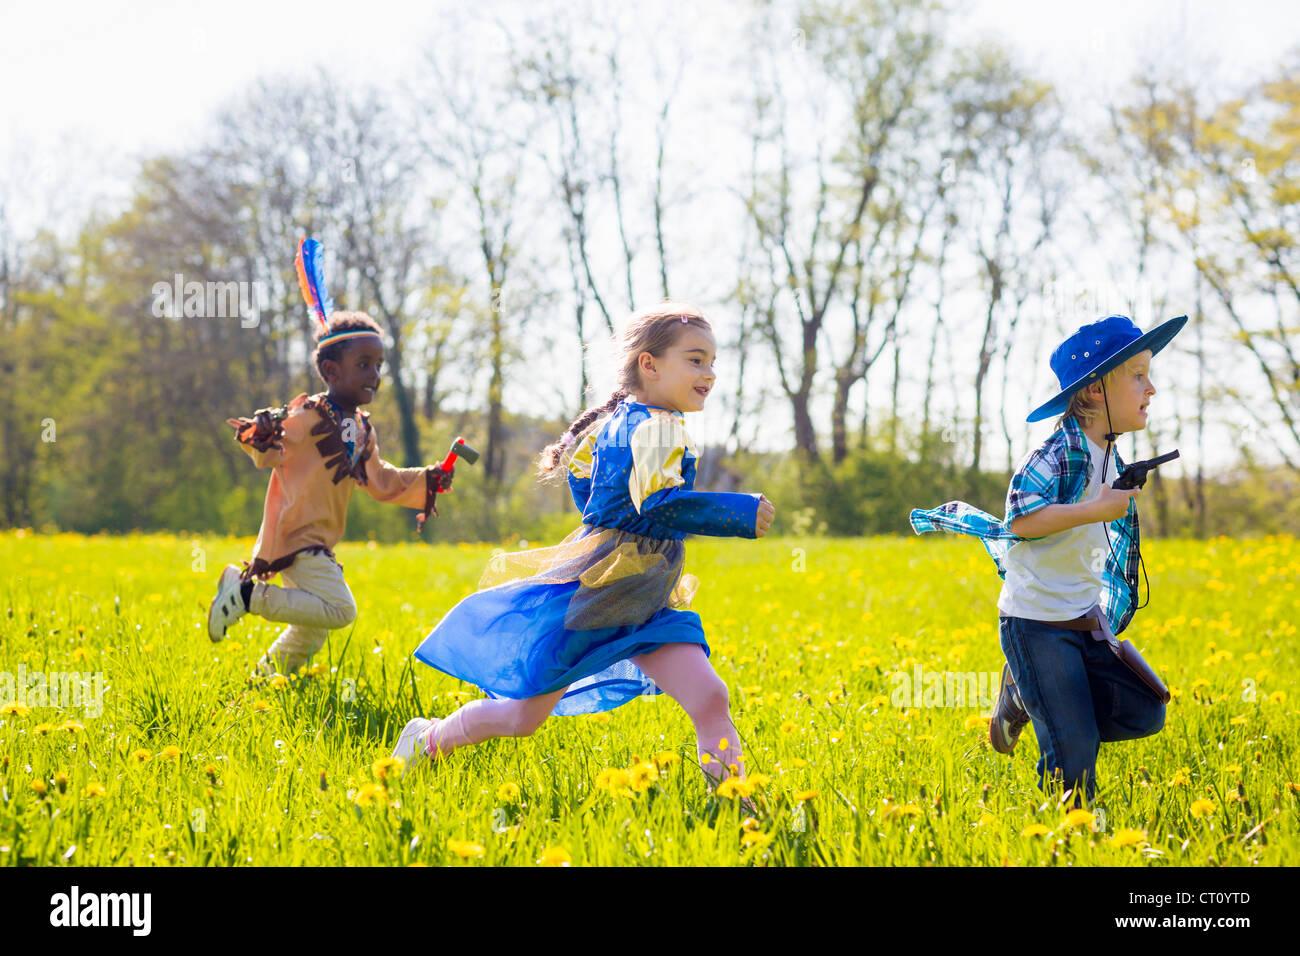 Viste a niños jugando al aire libre Imagen De Stock